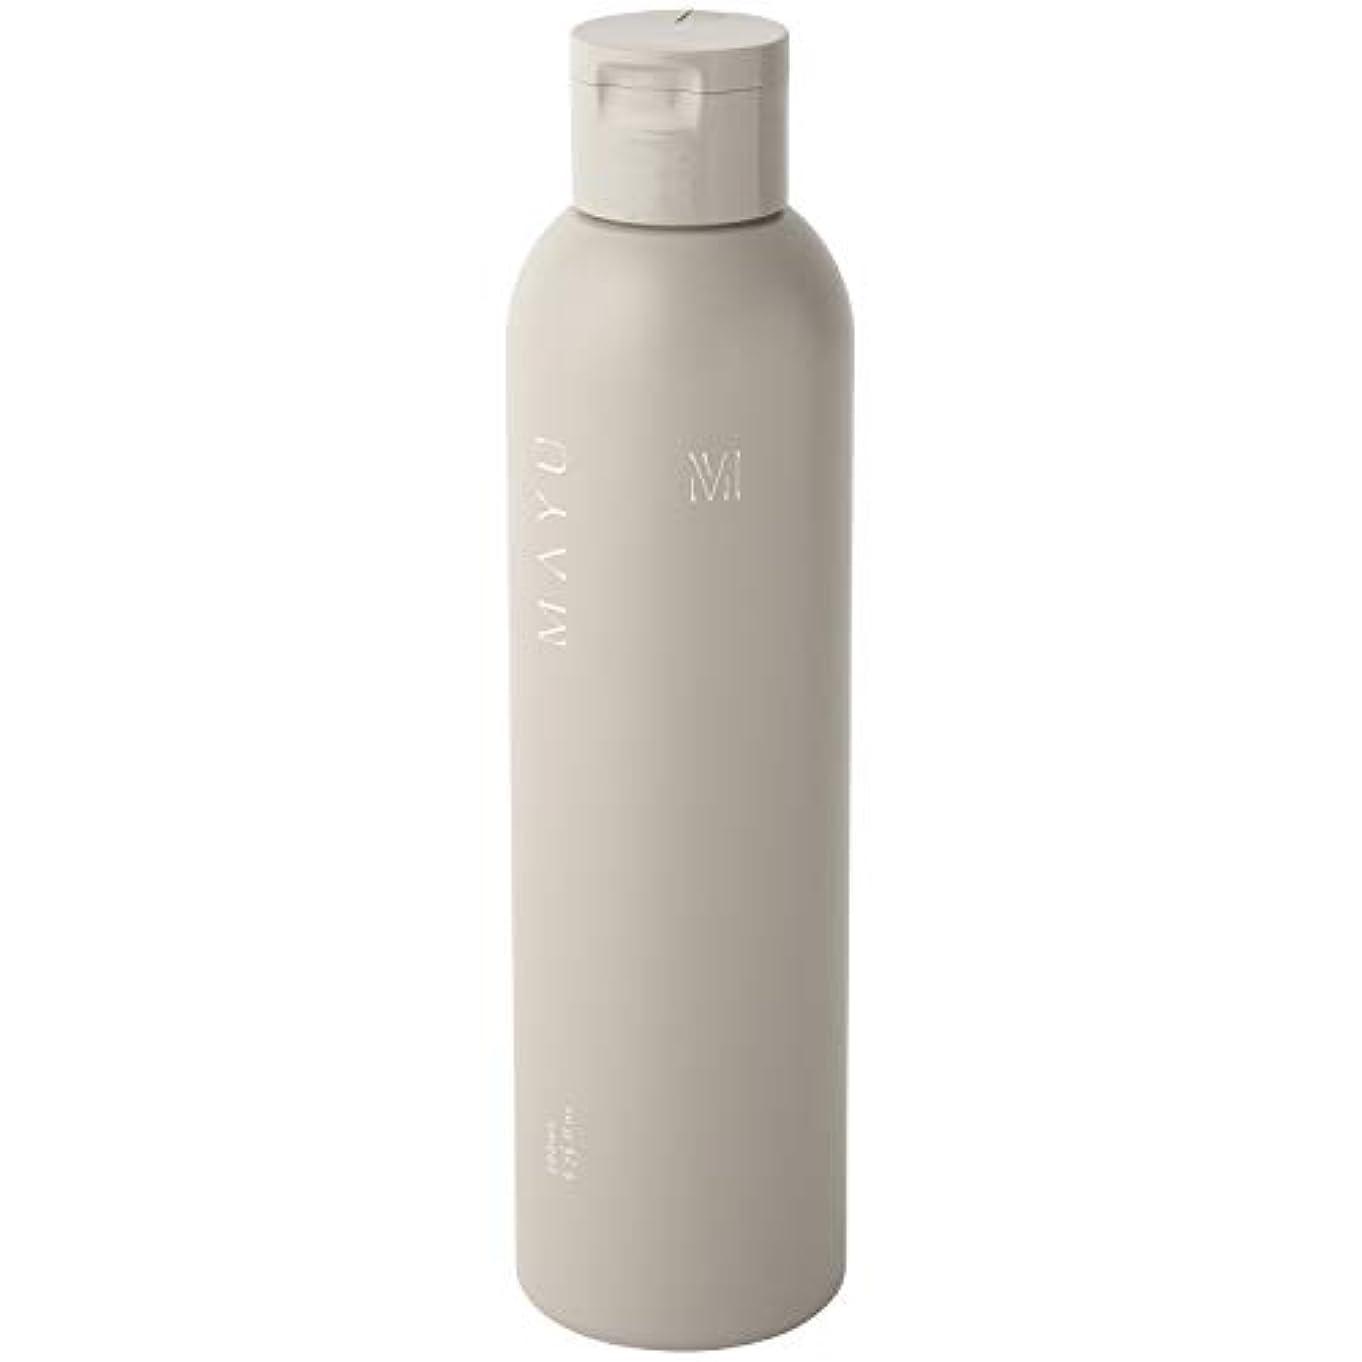 不誠実ウィザードファンブル【365Plus】 MAYU さくらの香りシャンプー (200ml) 1本入り